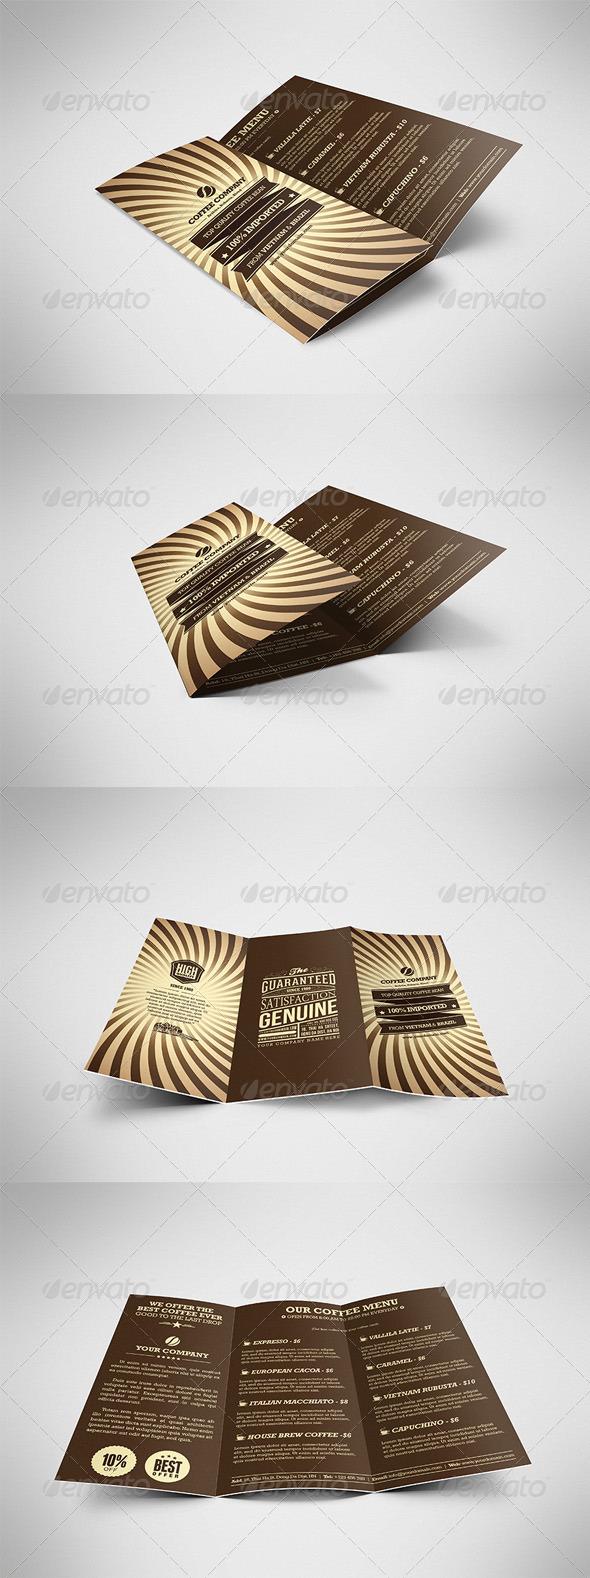 GraphicRiver Retro Coffee Brochure Tri-fold 4375840